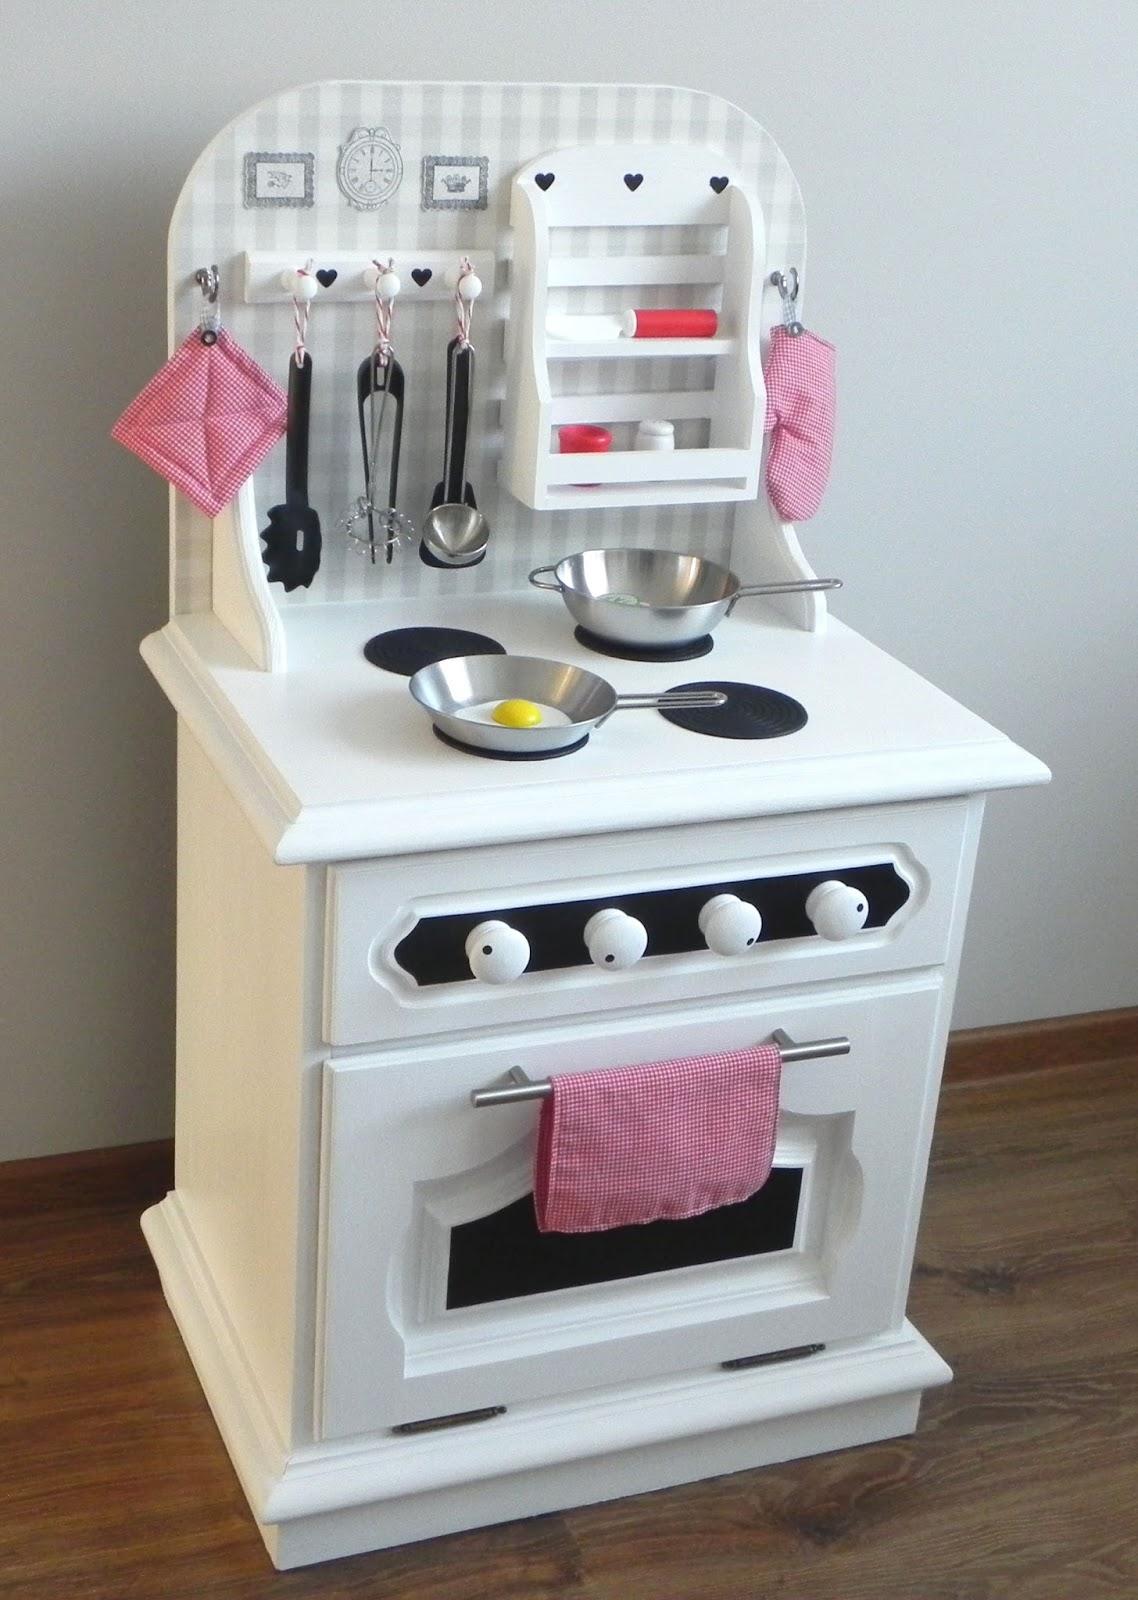 Magazyn Towarów Niemasowych Drewniana kuchnia dziecięca DIY -> Ikea Kuchnia Dla Dzieci Drewniana